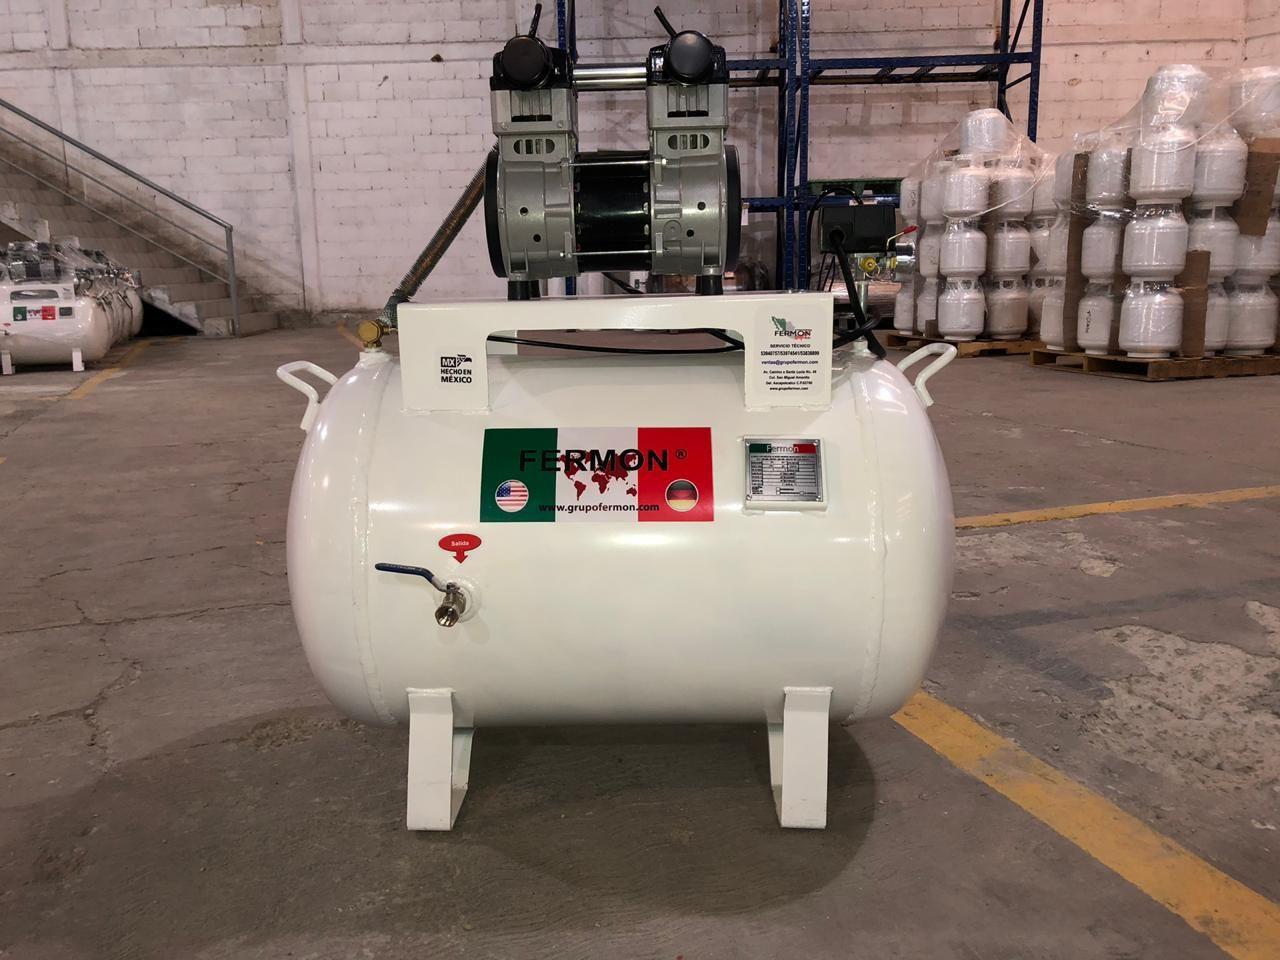 COMP. FERMON LIBRE DE ACEITE 2 HP T/150H MF TRABAJO LIGERO